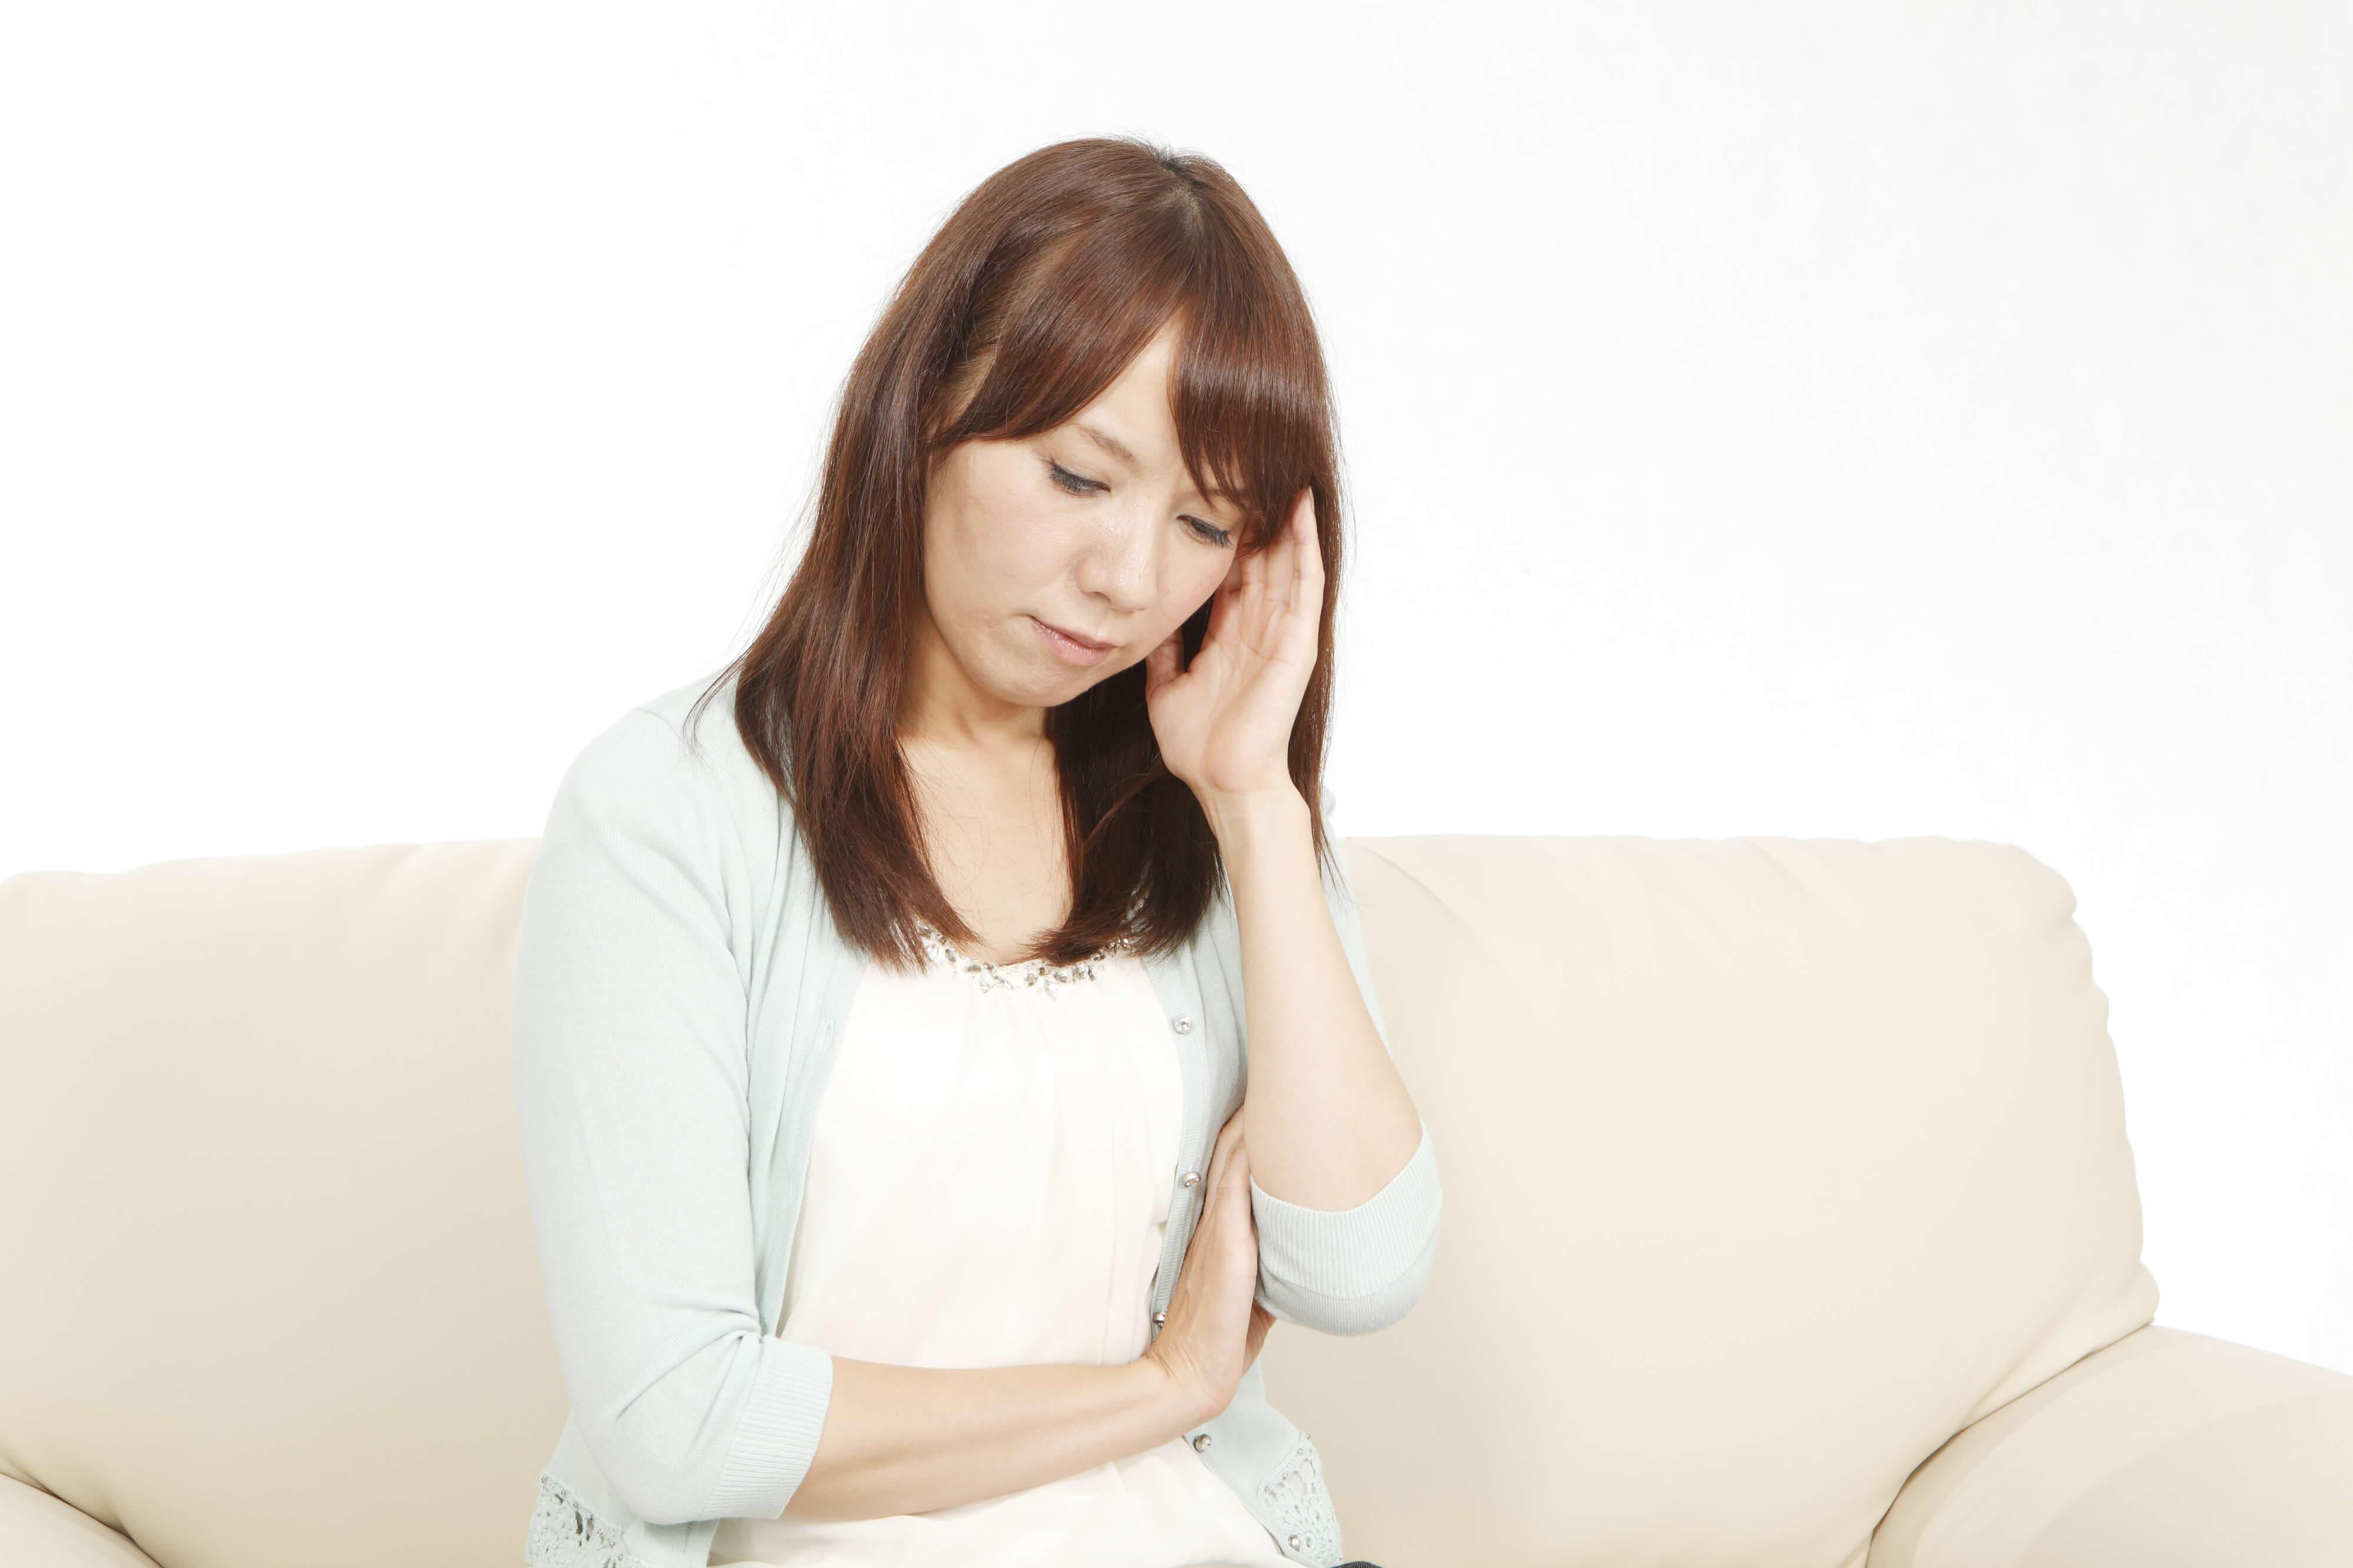 不妊かどうか知りたい人必見!不妊症7つのセルフチェック